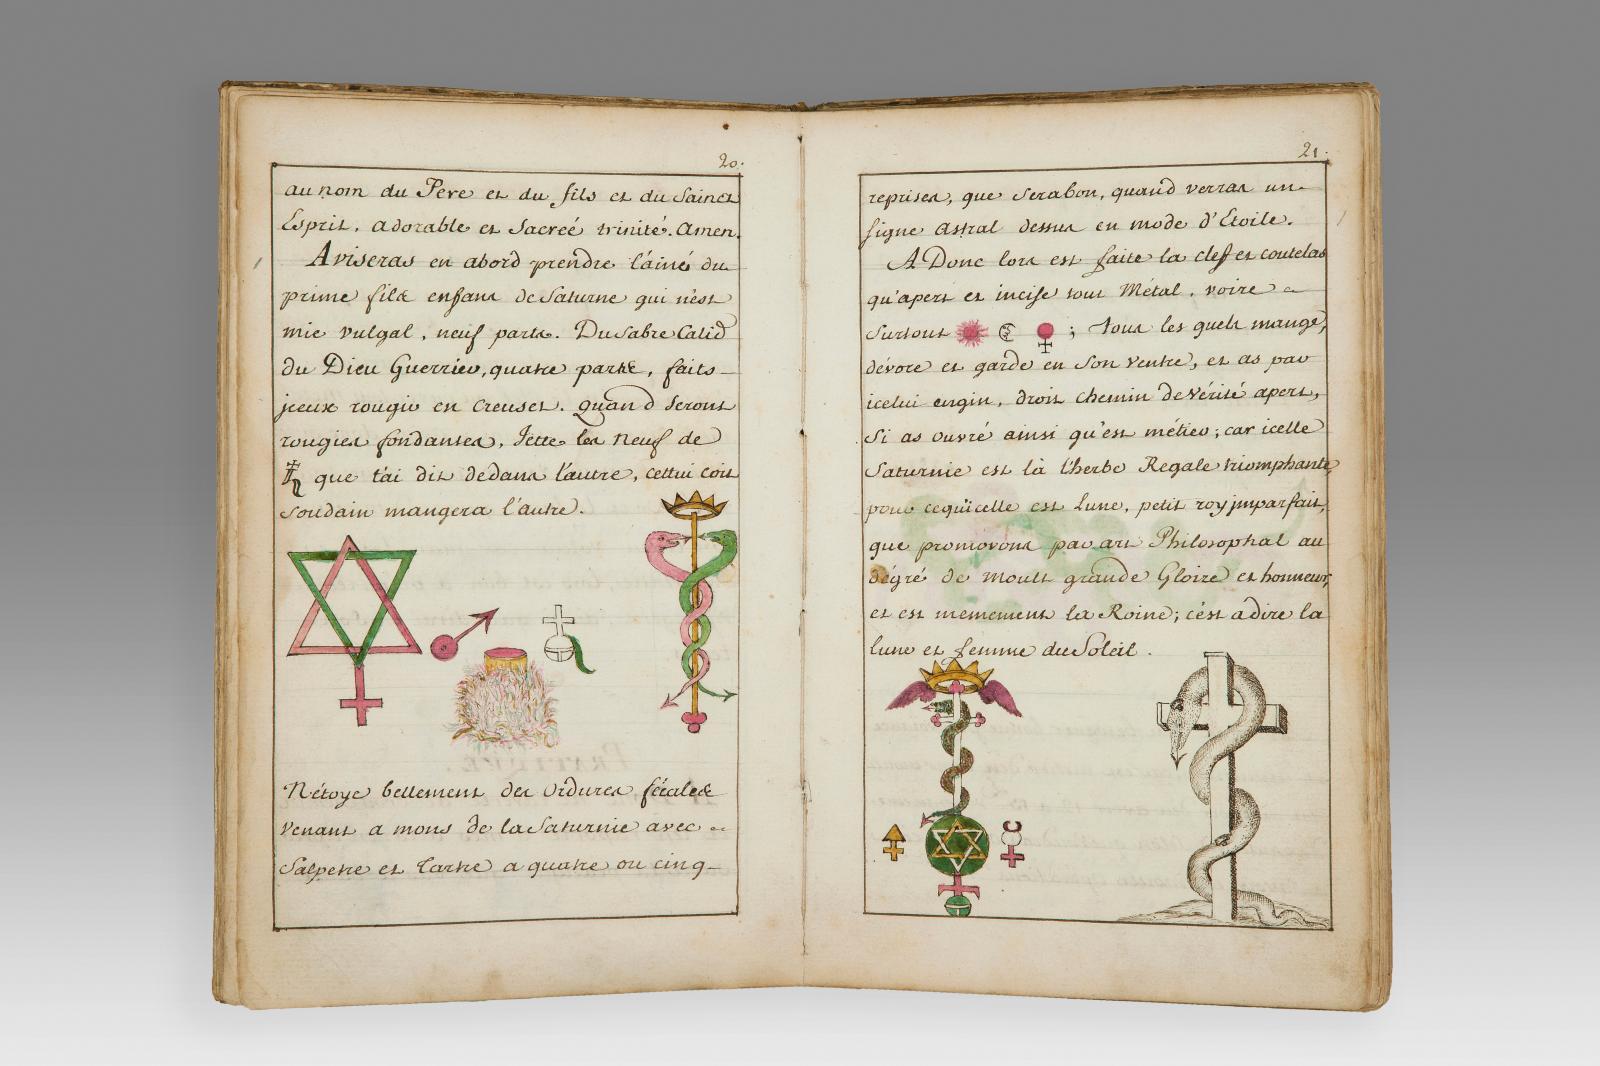 Le Trésor des trésors, 18th century manuscript copy of the Testament alchimique by Nicolas Flamel (1340-1418), 57 pages.Estimate: €5,000/6